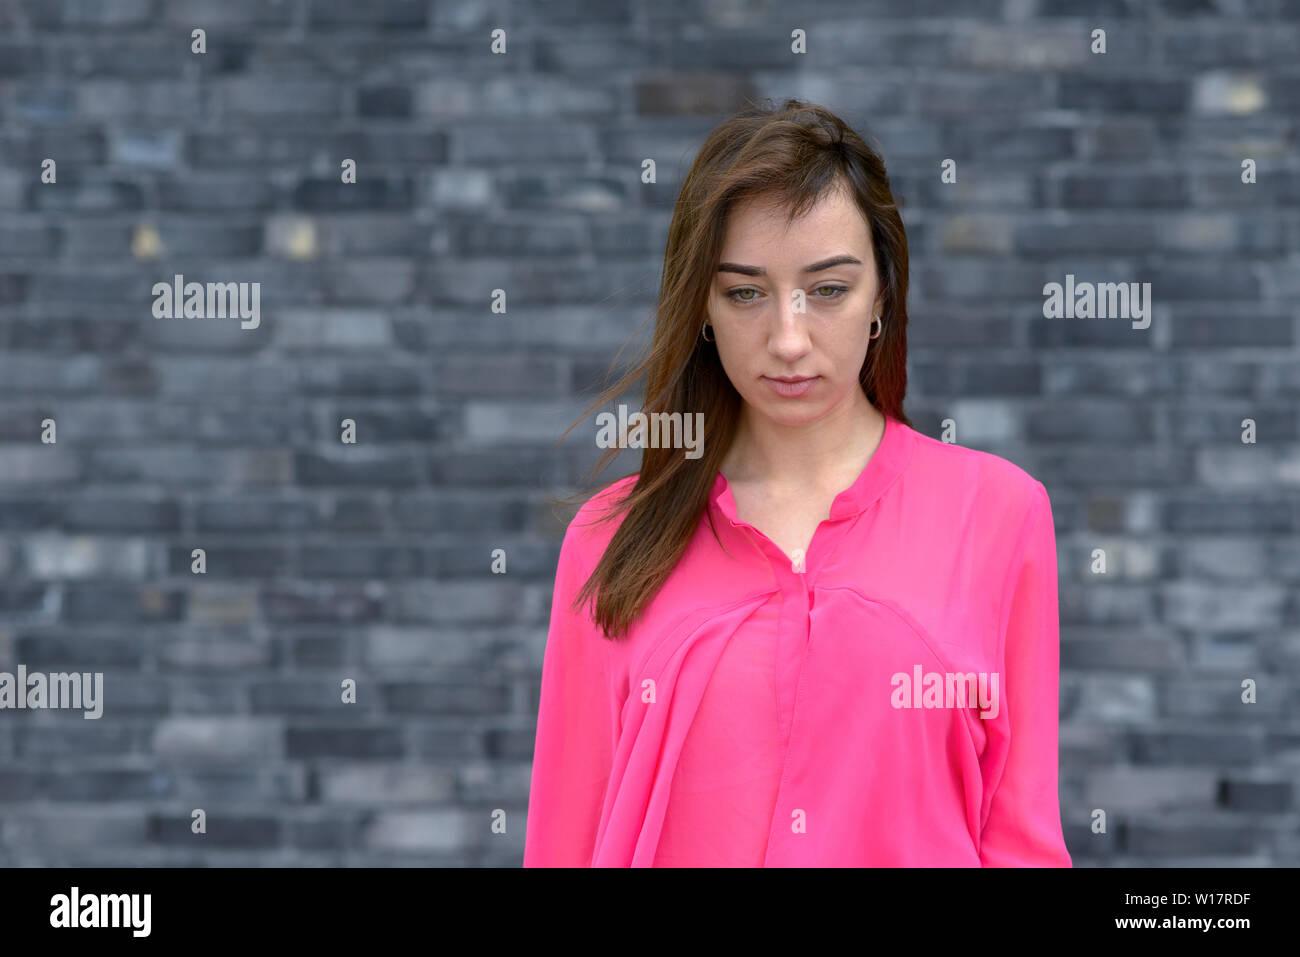 Premurosa donna giovane con abbattuto gli occhi e una espressione seria in posa di un rosa luminoso in alto nella parte anteriore del grigio di un muro di mattoni Immagini Stock